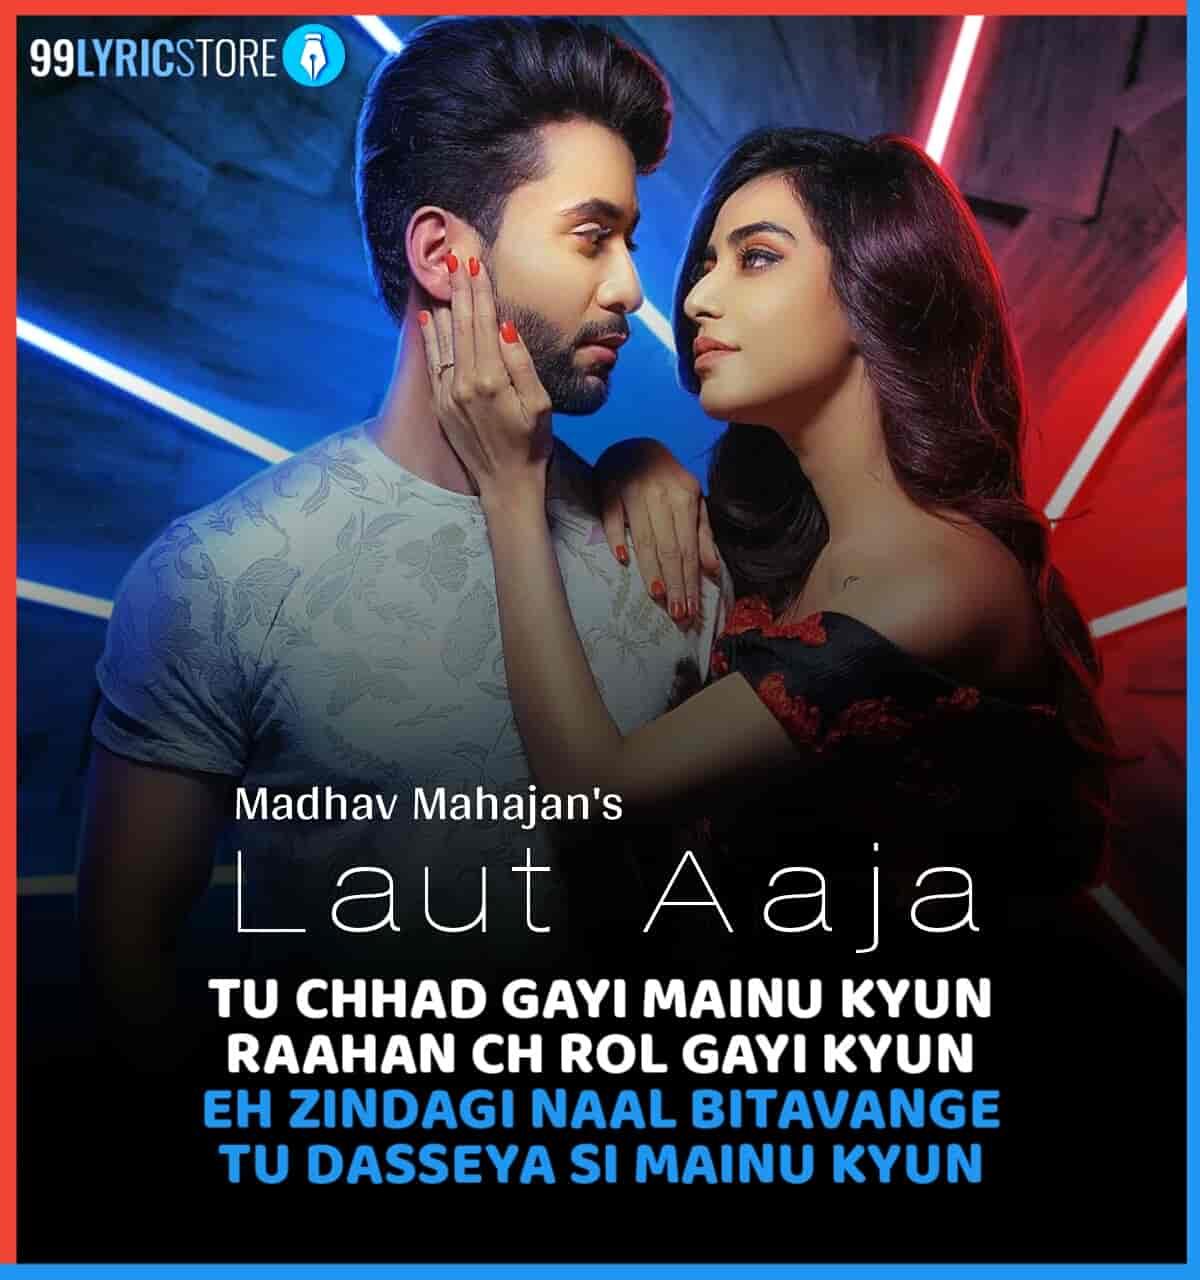 Laut Aaja song sung by Madhav Mahajan